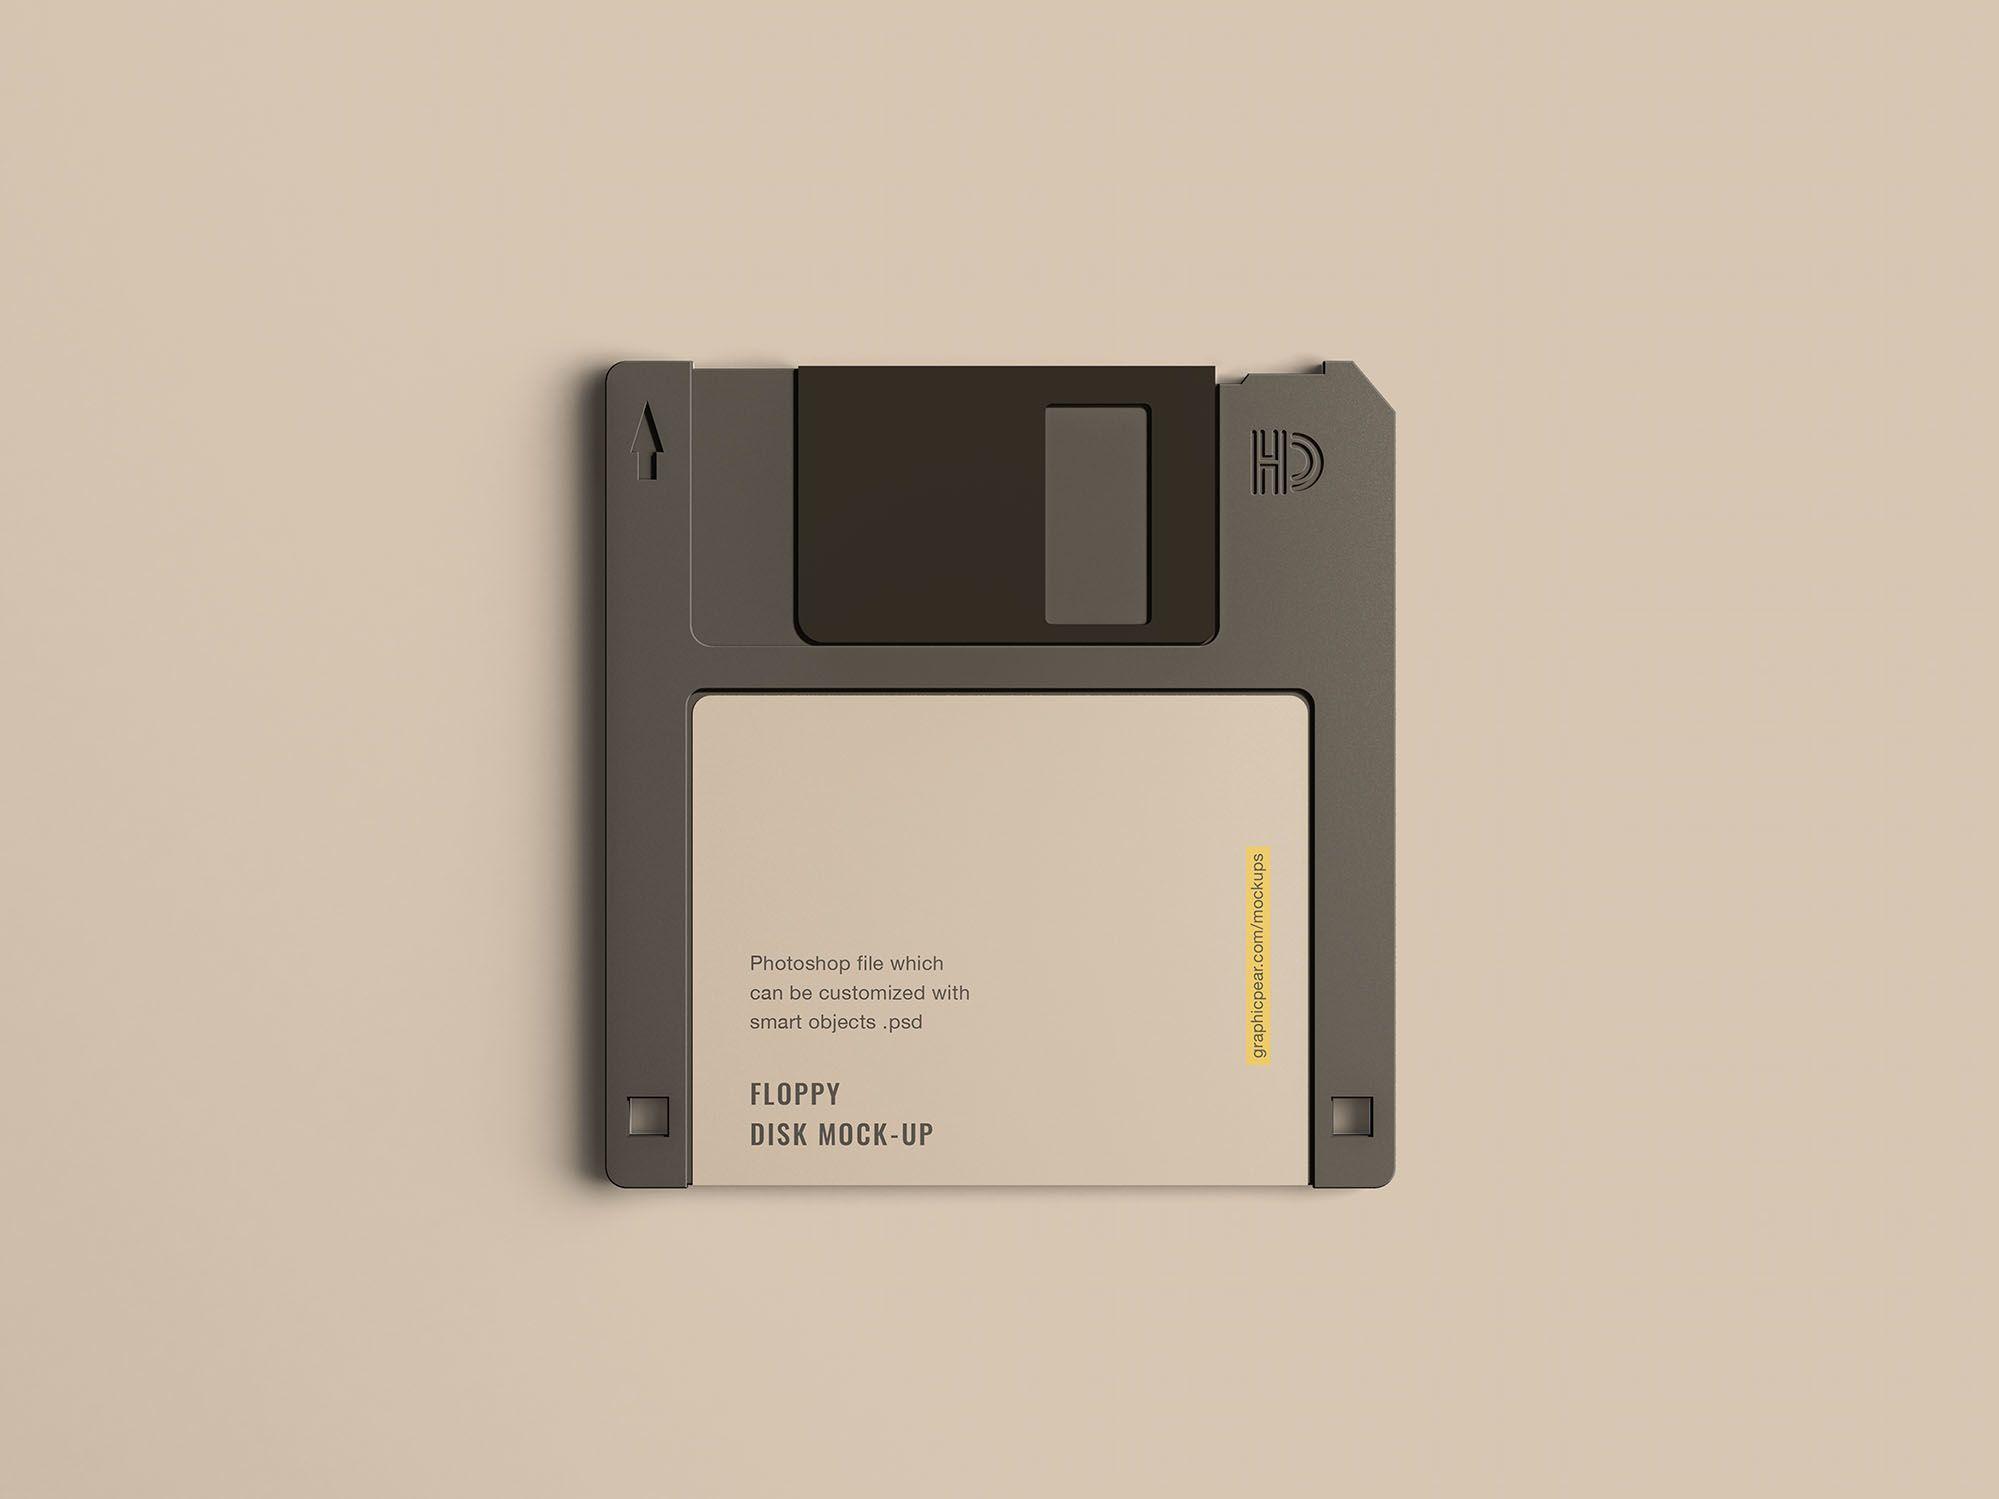 Floppy Disk Mockup | FREEBIES - MOCKUPS | Floppy disk, Mockup, Logos